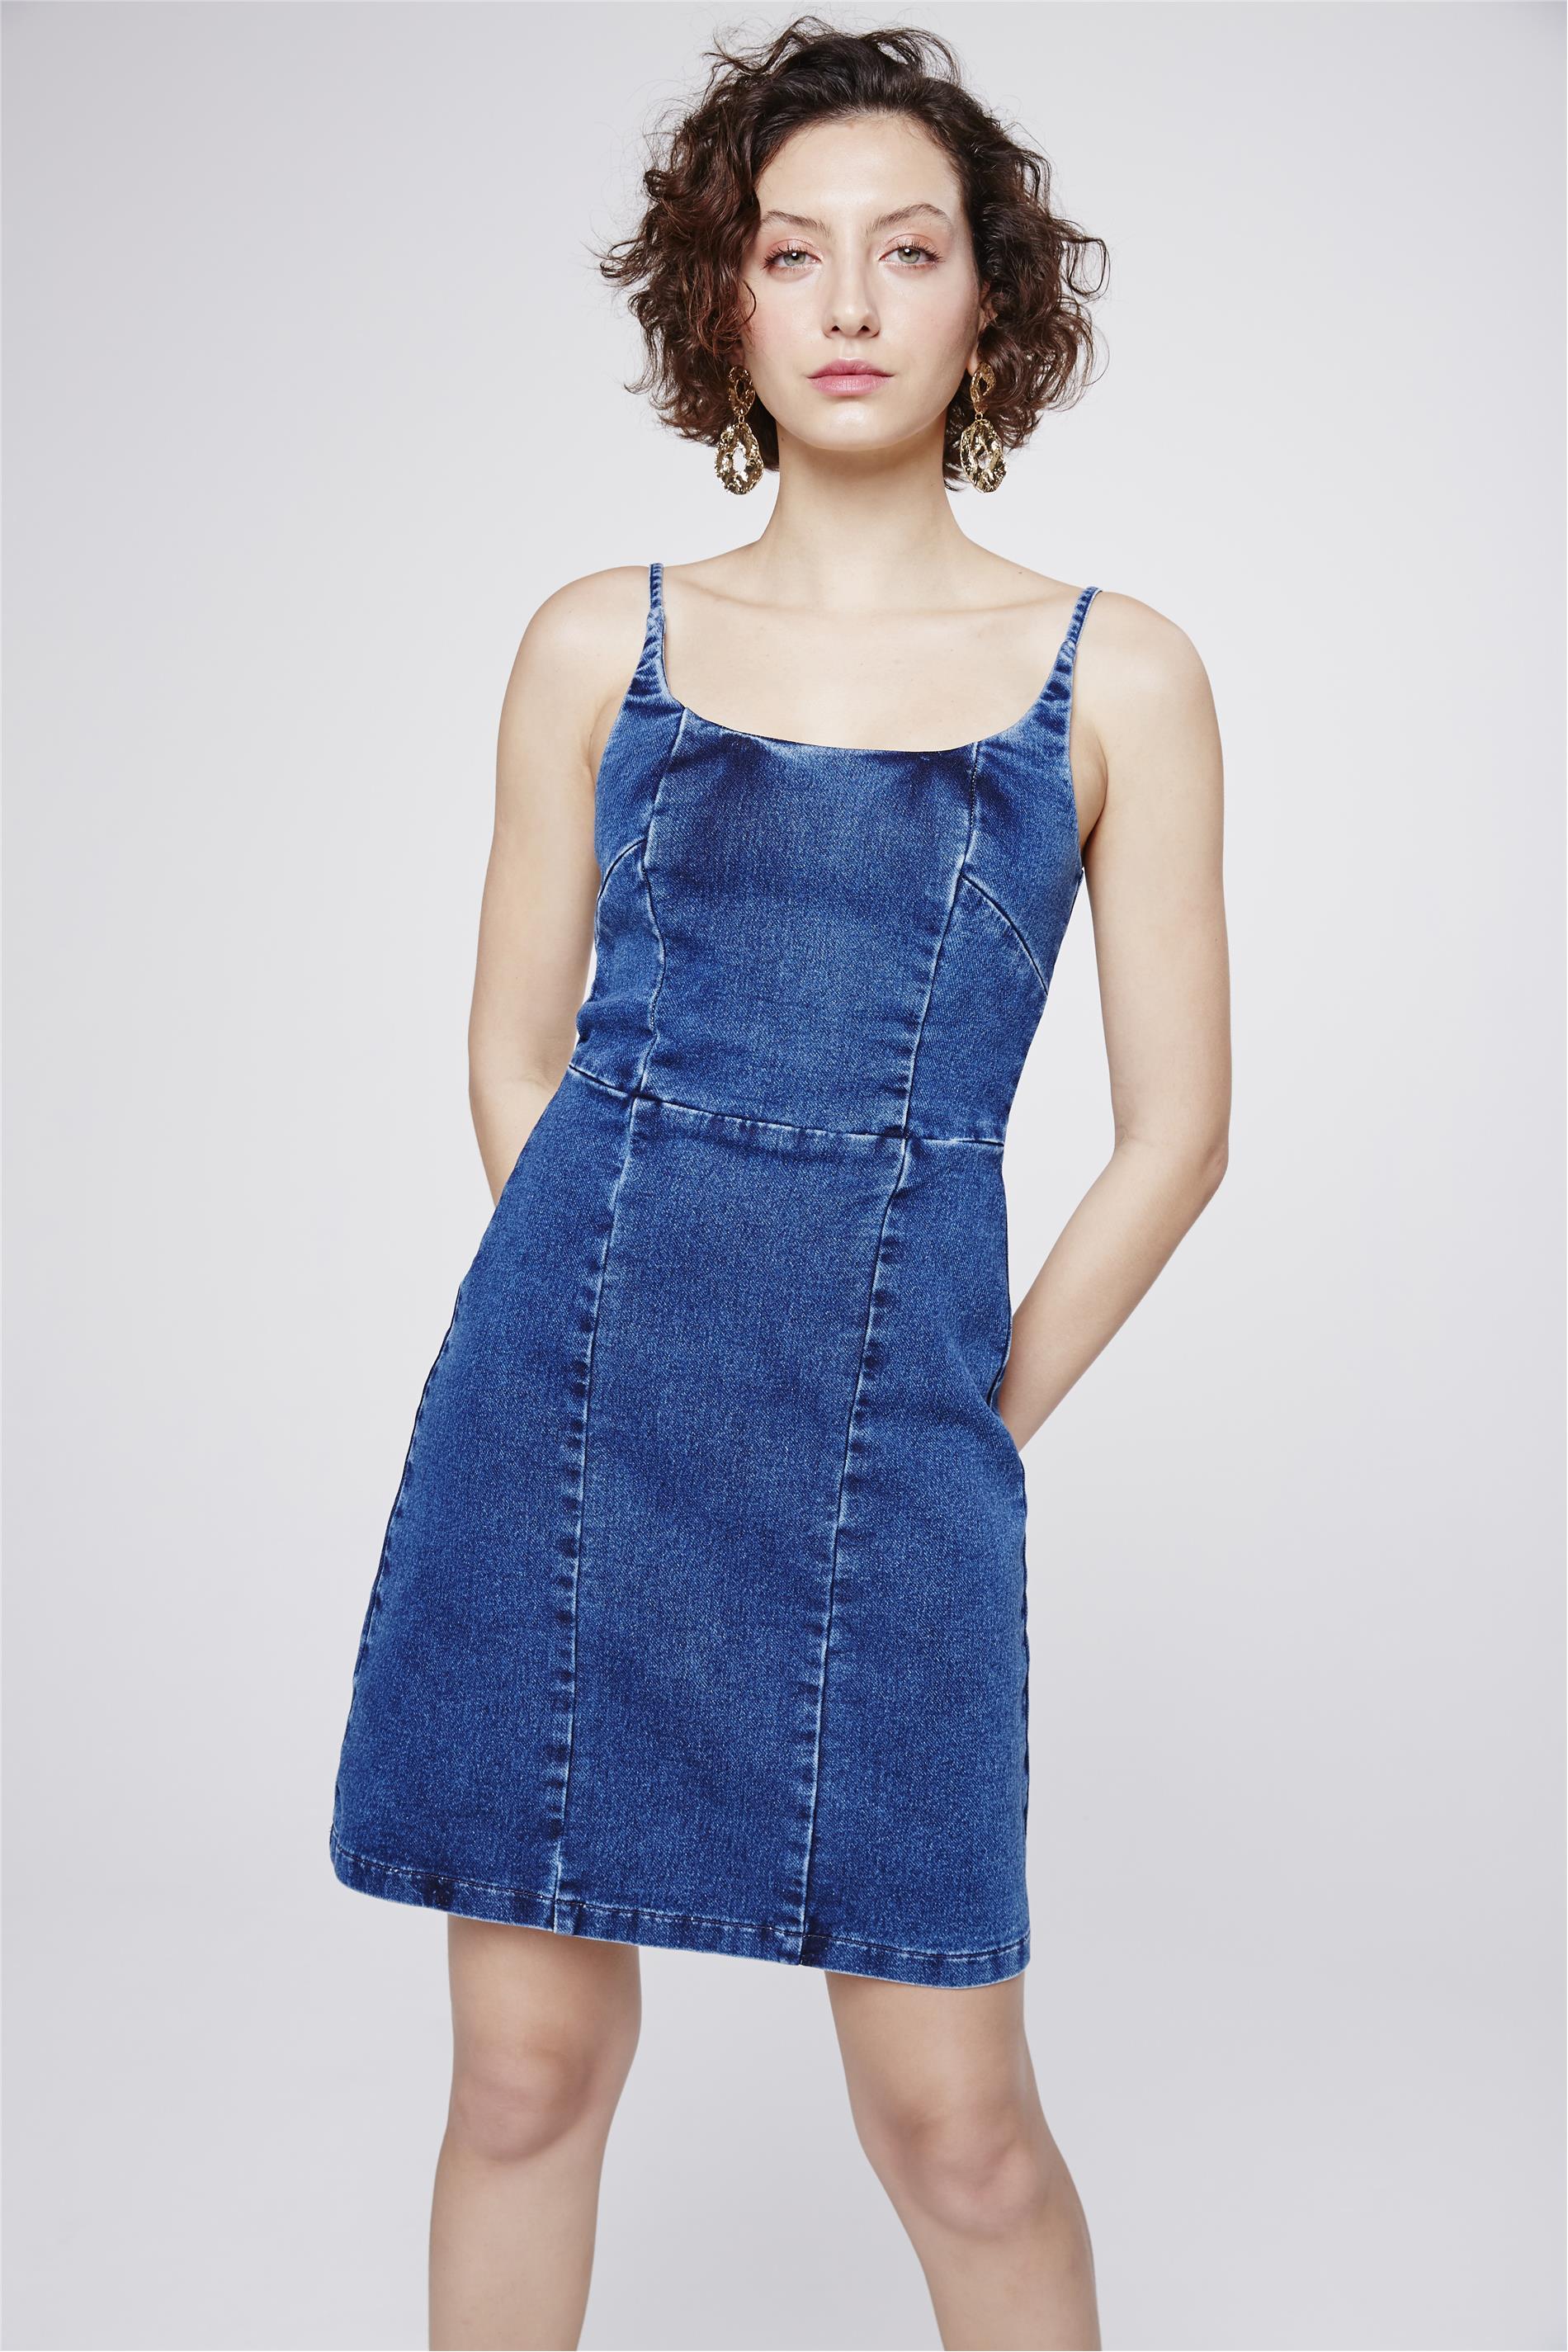 e15ab4616 Vestido Jeans com Recortes - Damyller